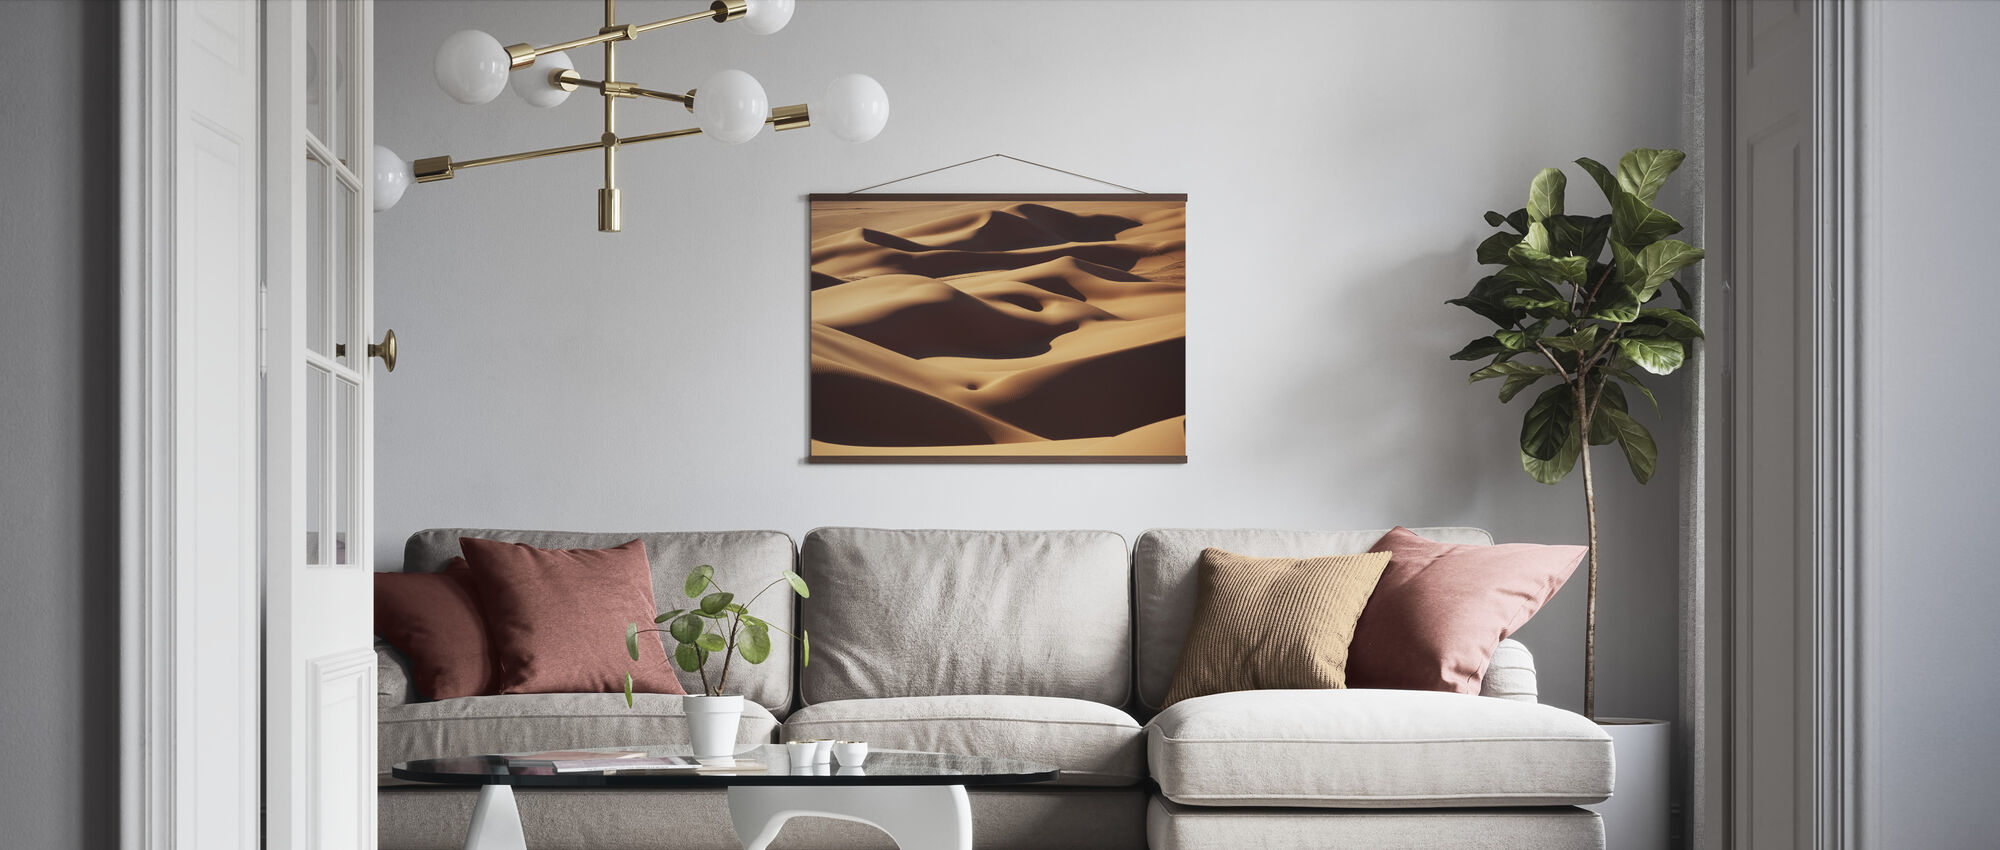 Sand Landscape - Poster - Living Room